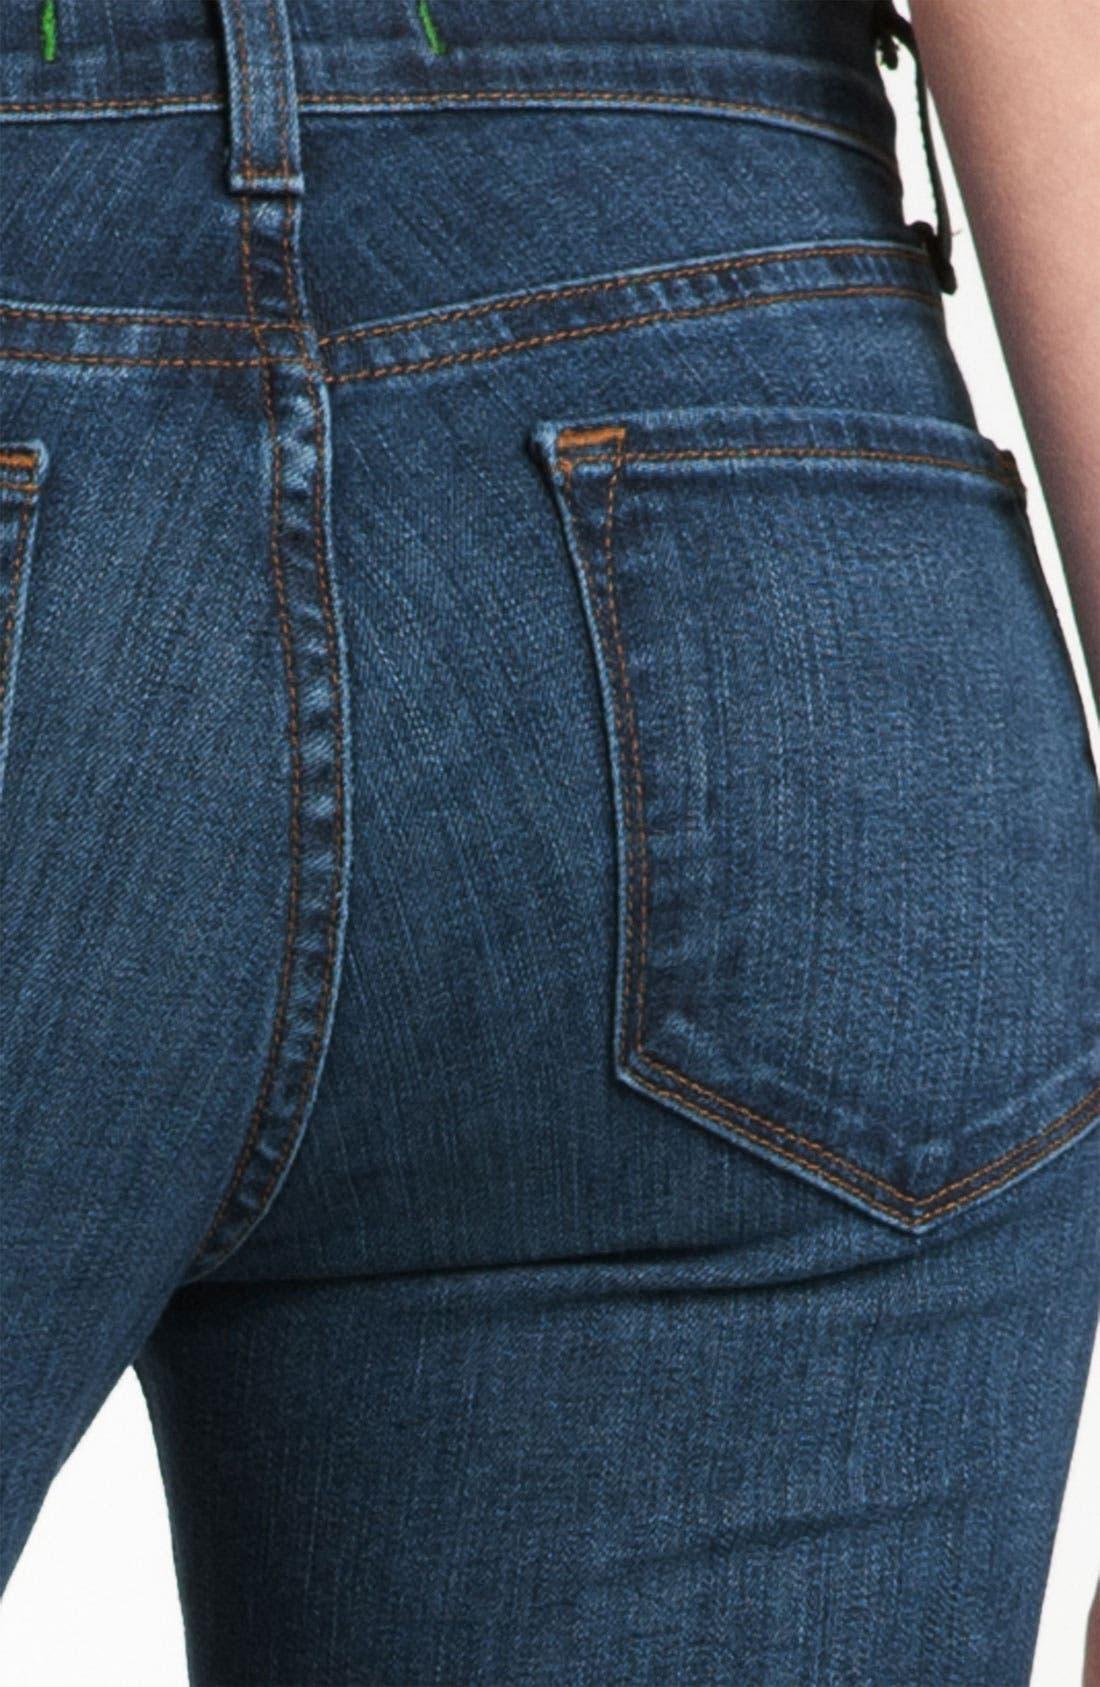 Alternate Image 3  - J Brand '811' Skinny Stretch Jeans (Vivid)